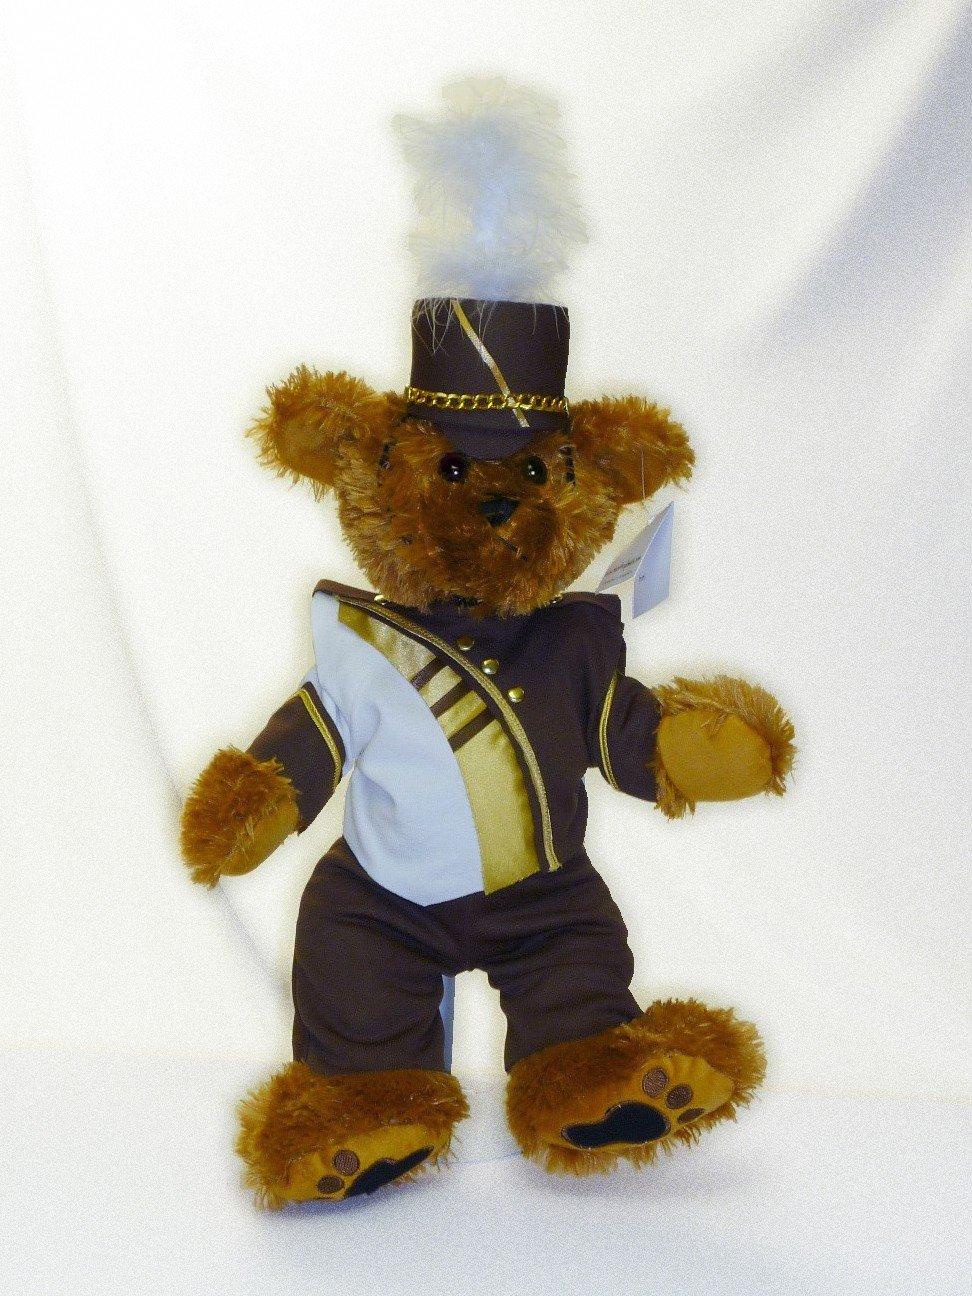 Absegami HS Marching Band Uniform Teddy Bear